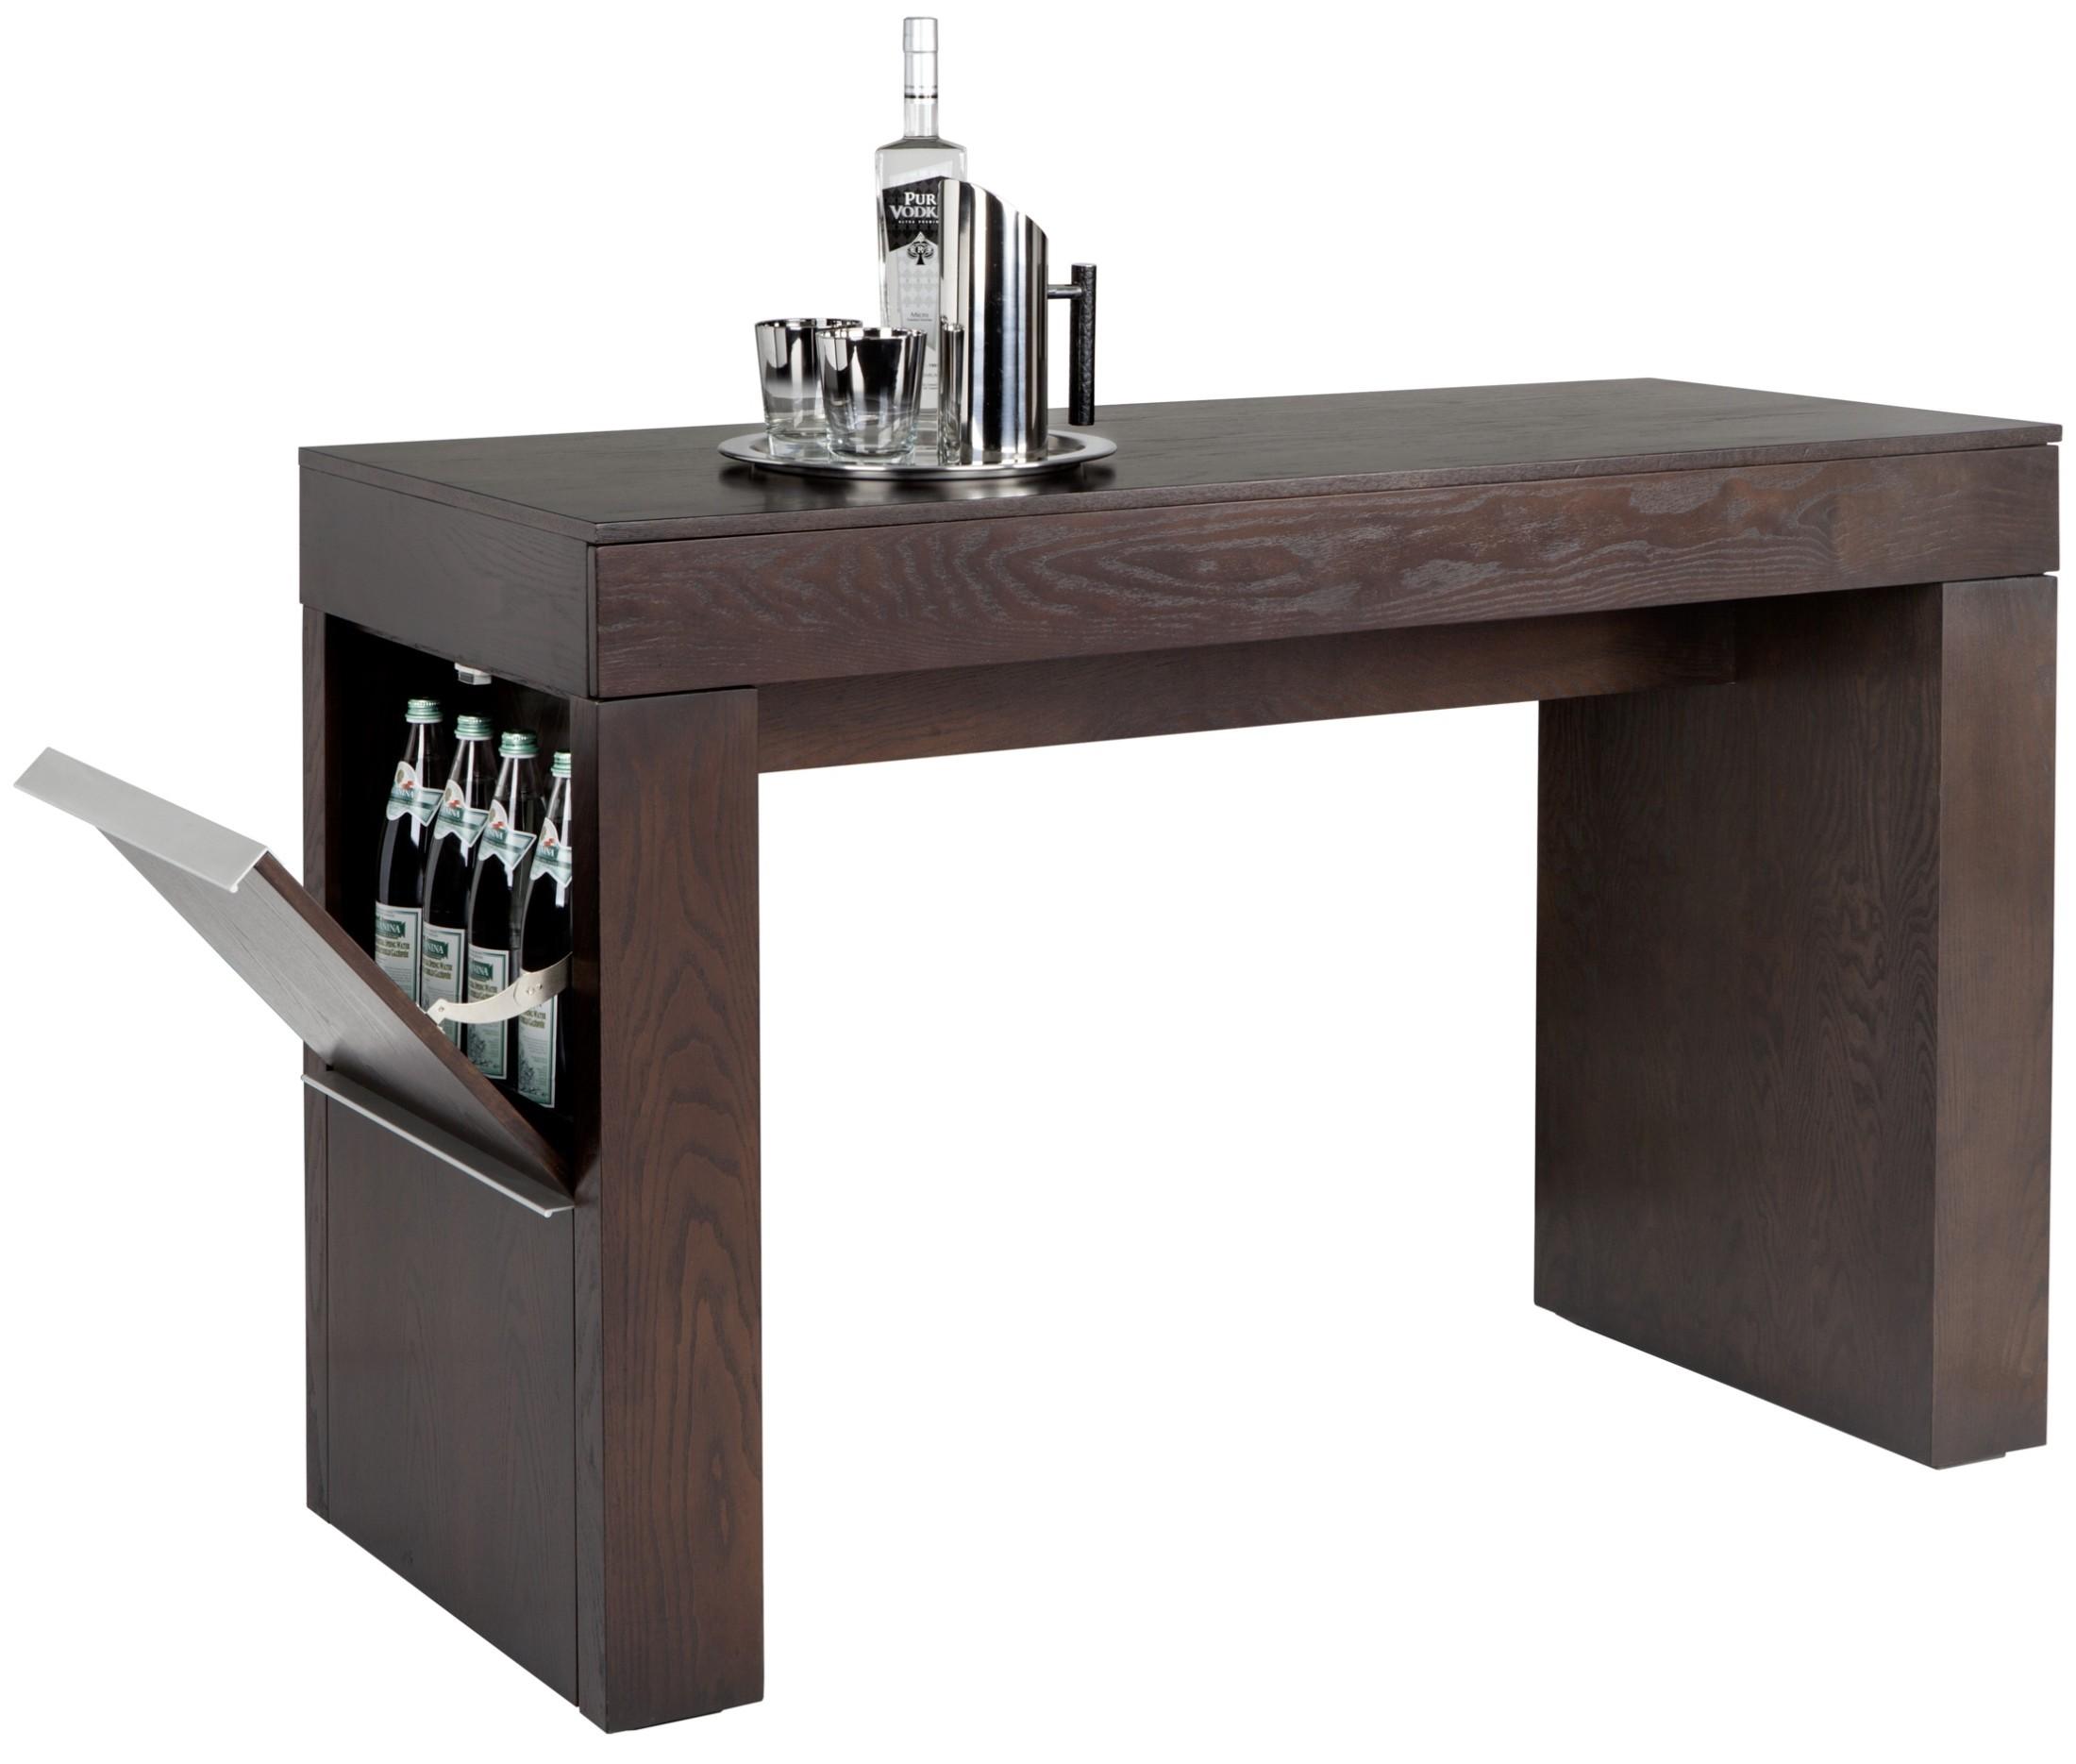 espresso pub table and chairs dallas cowboys recliner chair bradley medium bar 100634 sunpan modern home